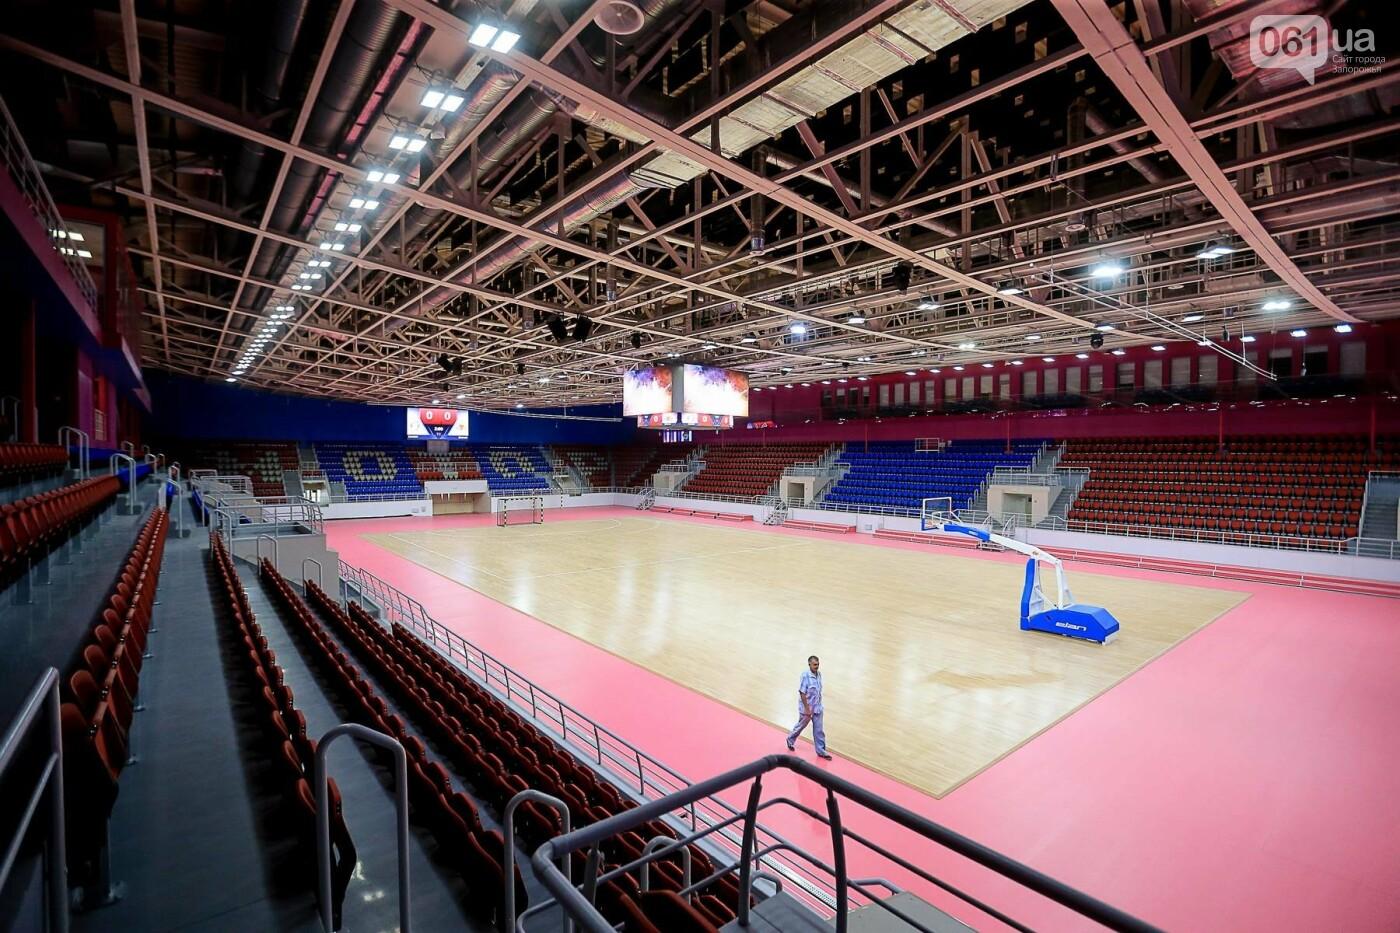 Представители Европейской гандбольной федерации проинспектировали запорожскую «Юность», - ФОТО, фото-8